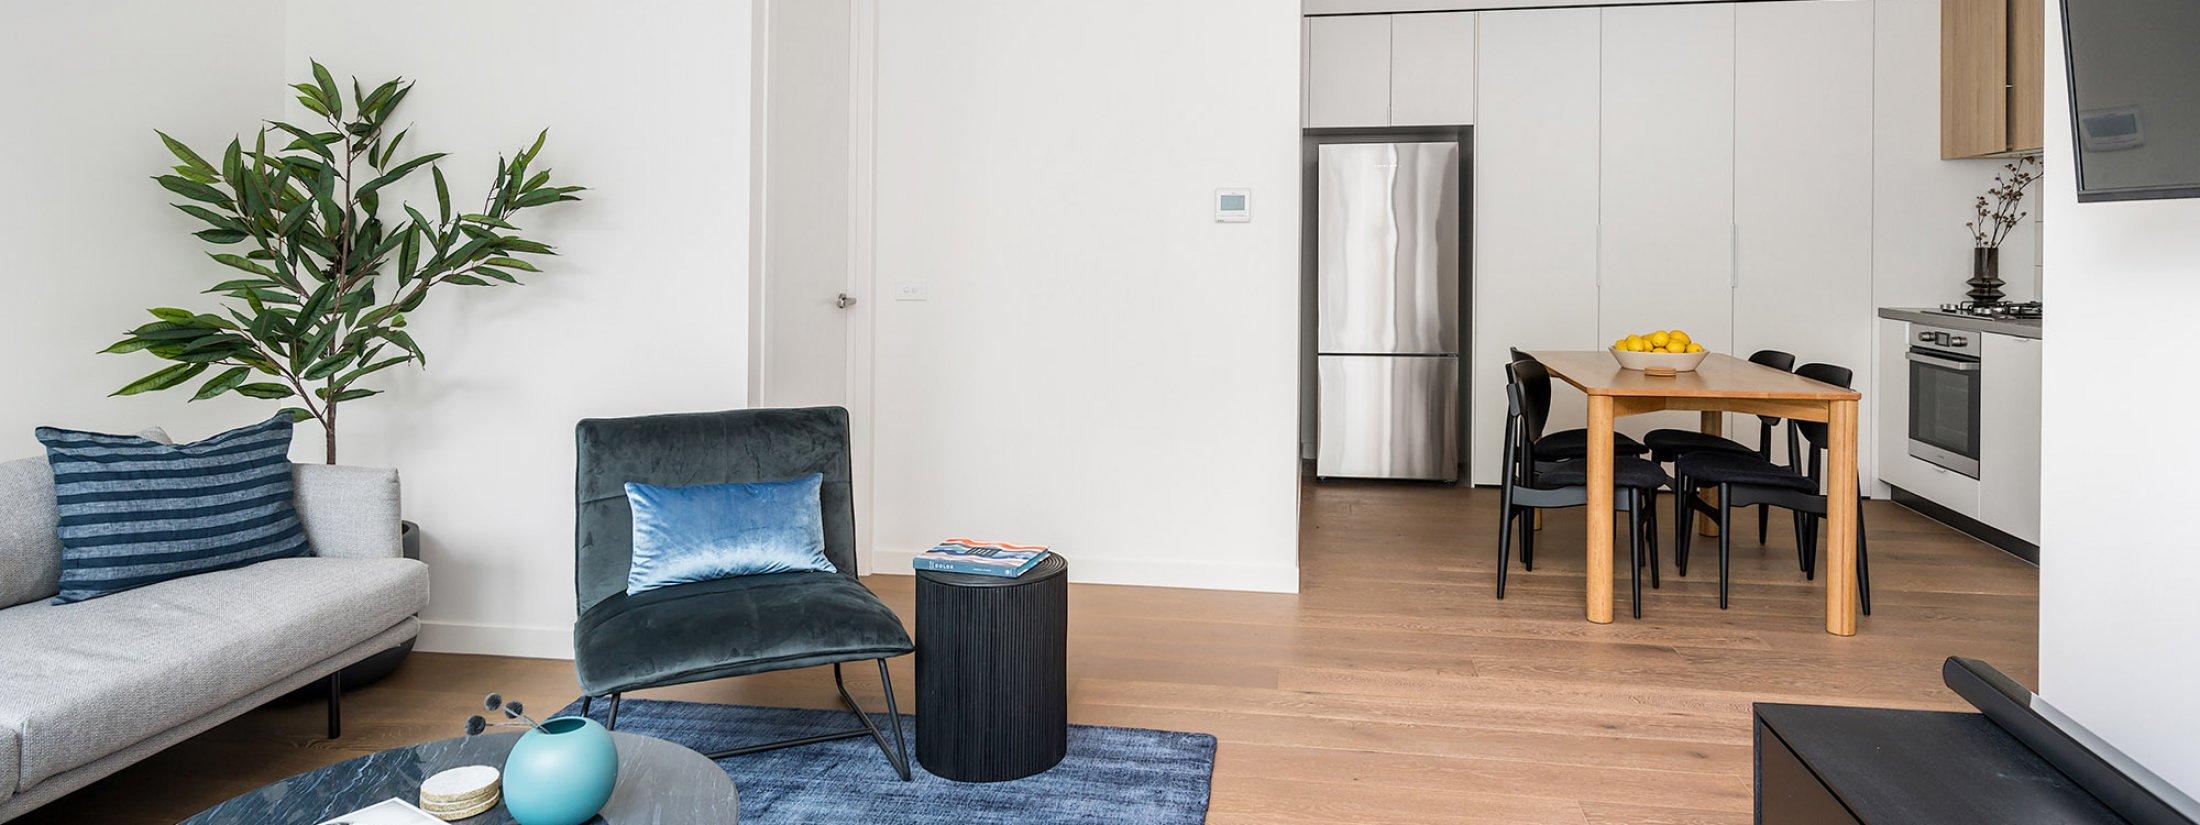 Axel Apartments 103 The Hadley - Glen Iris - Lounge towards kitchen